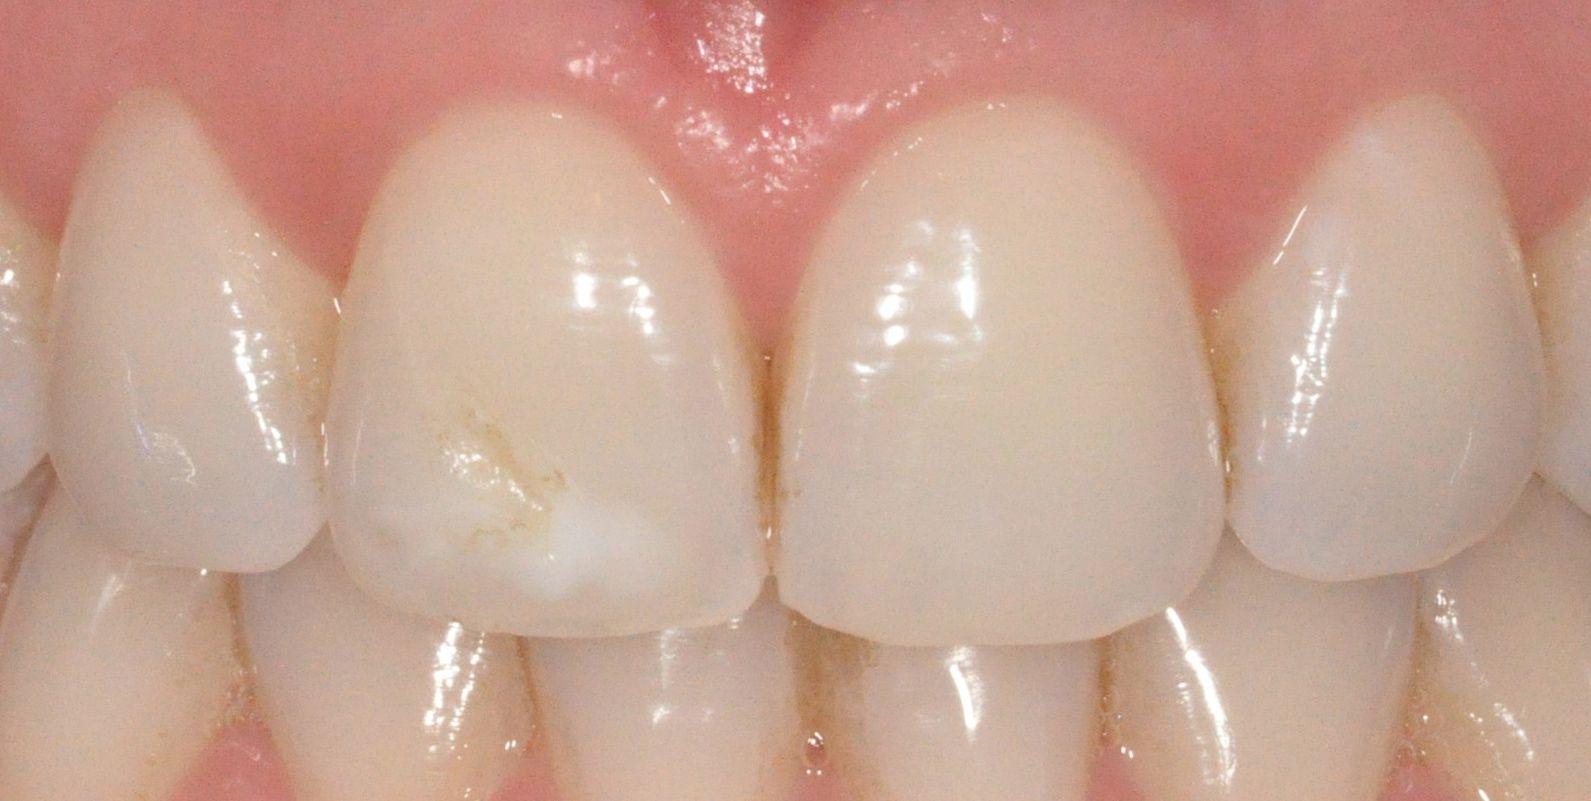 Taches blanches sur les dents adulte